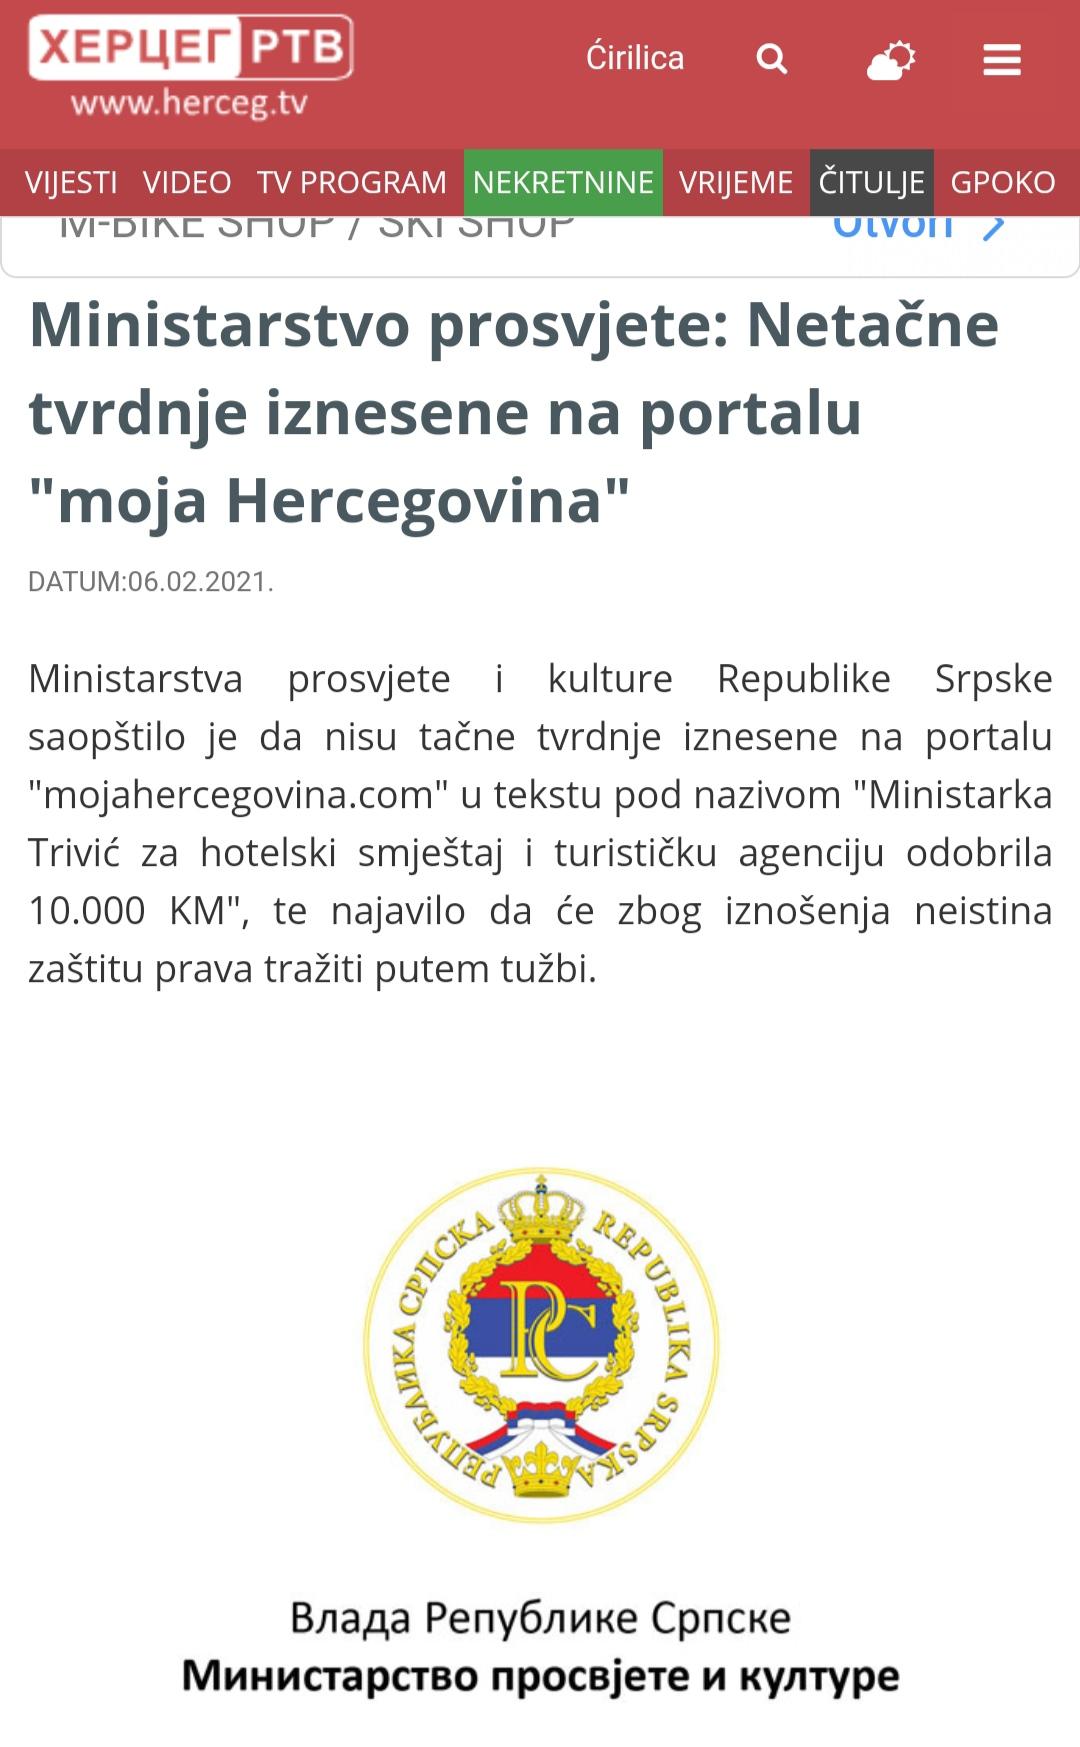 Herceg Tv demant na Moju Hercegovinu